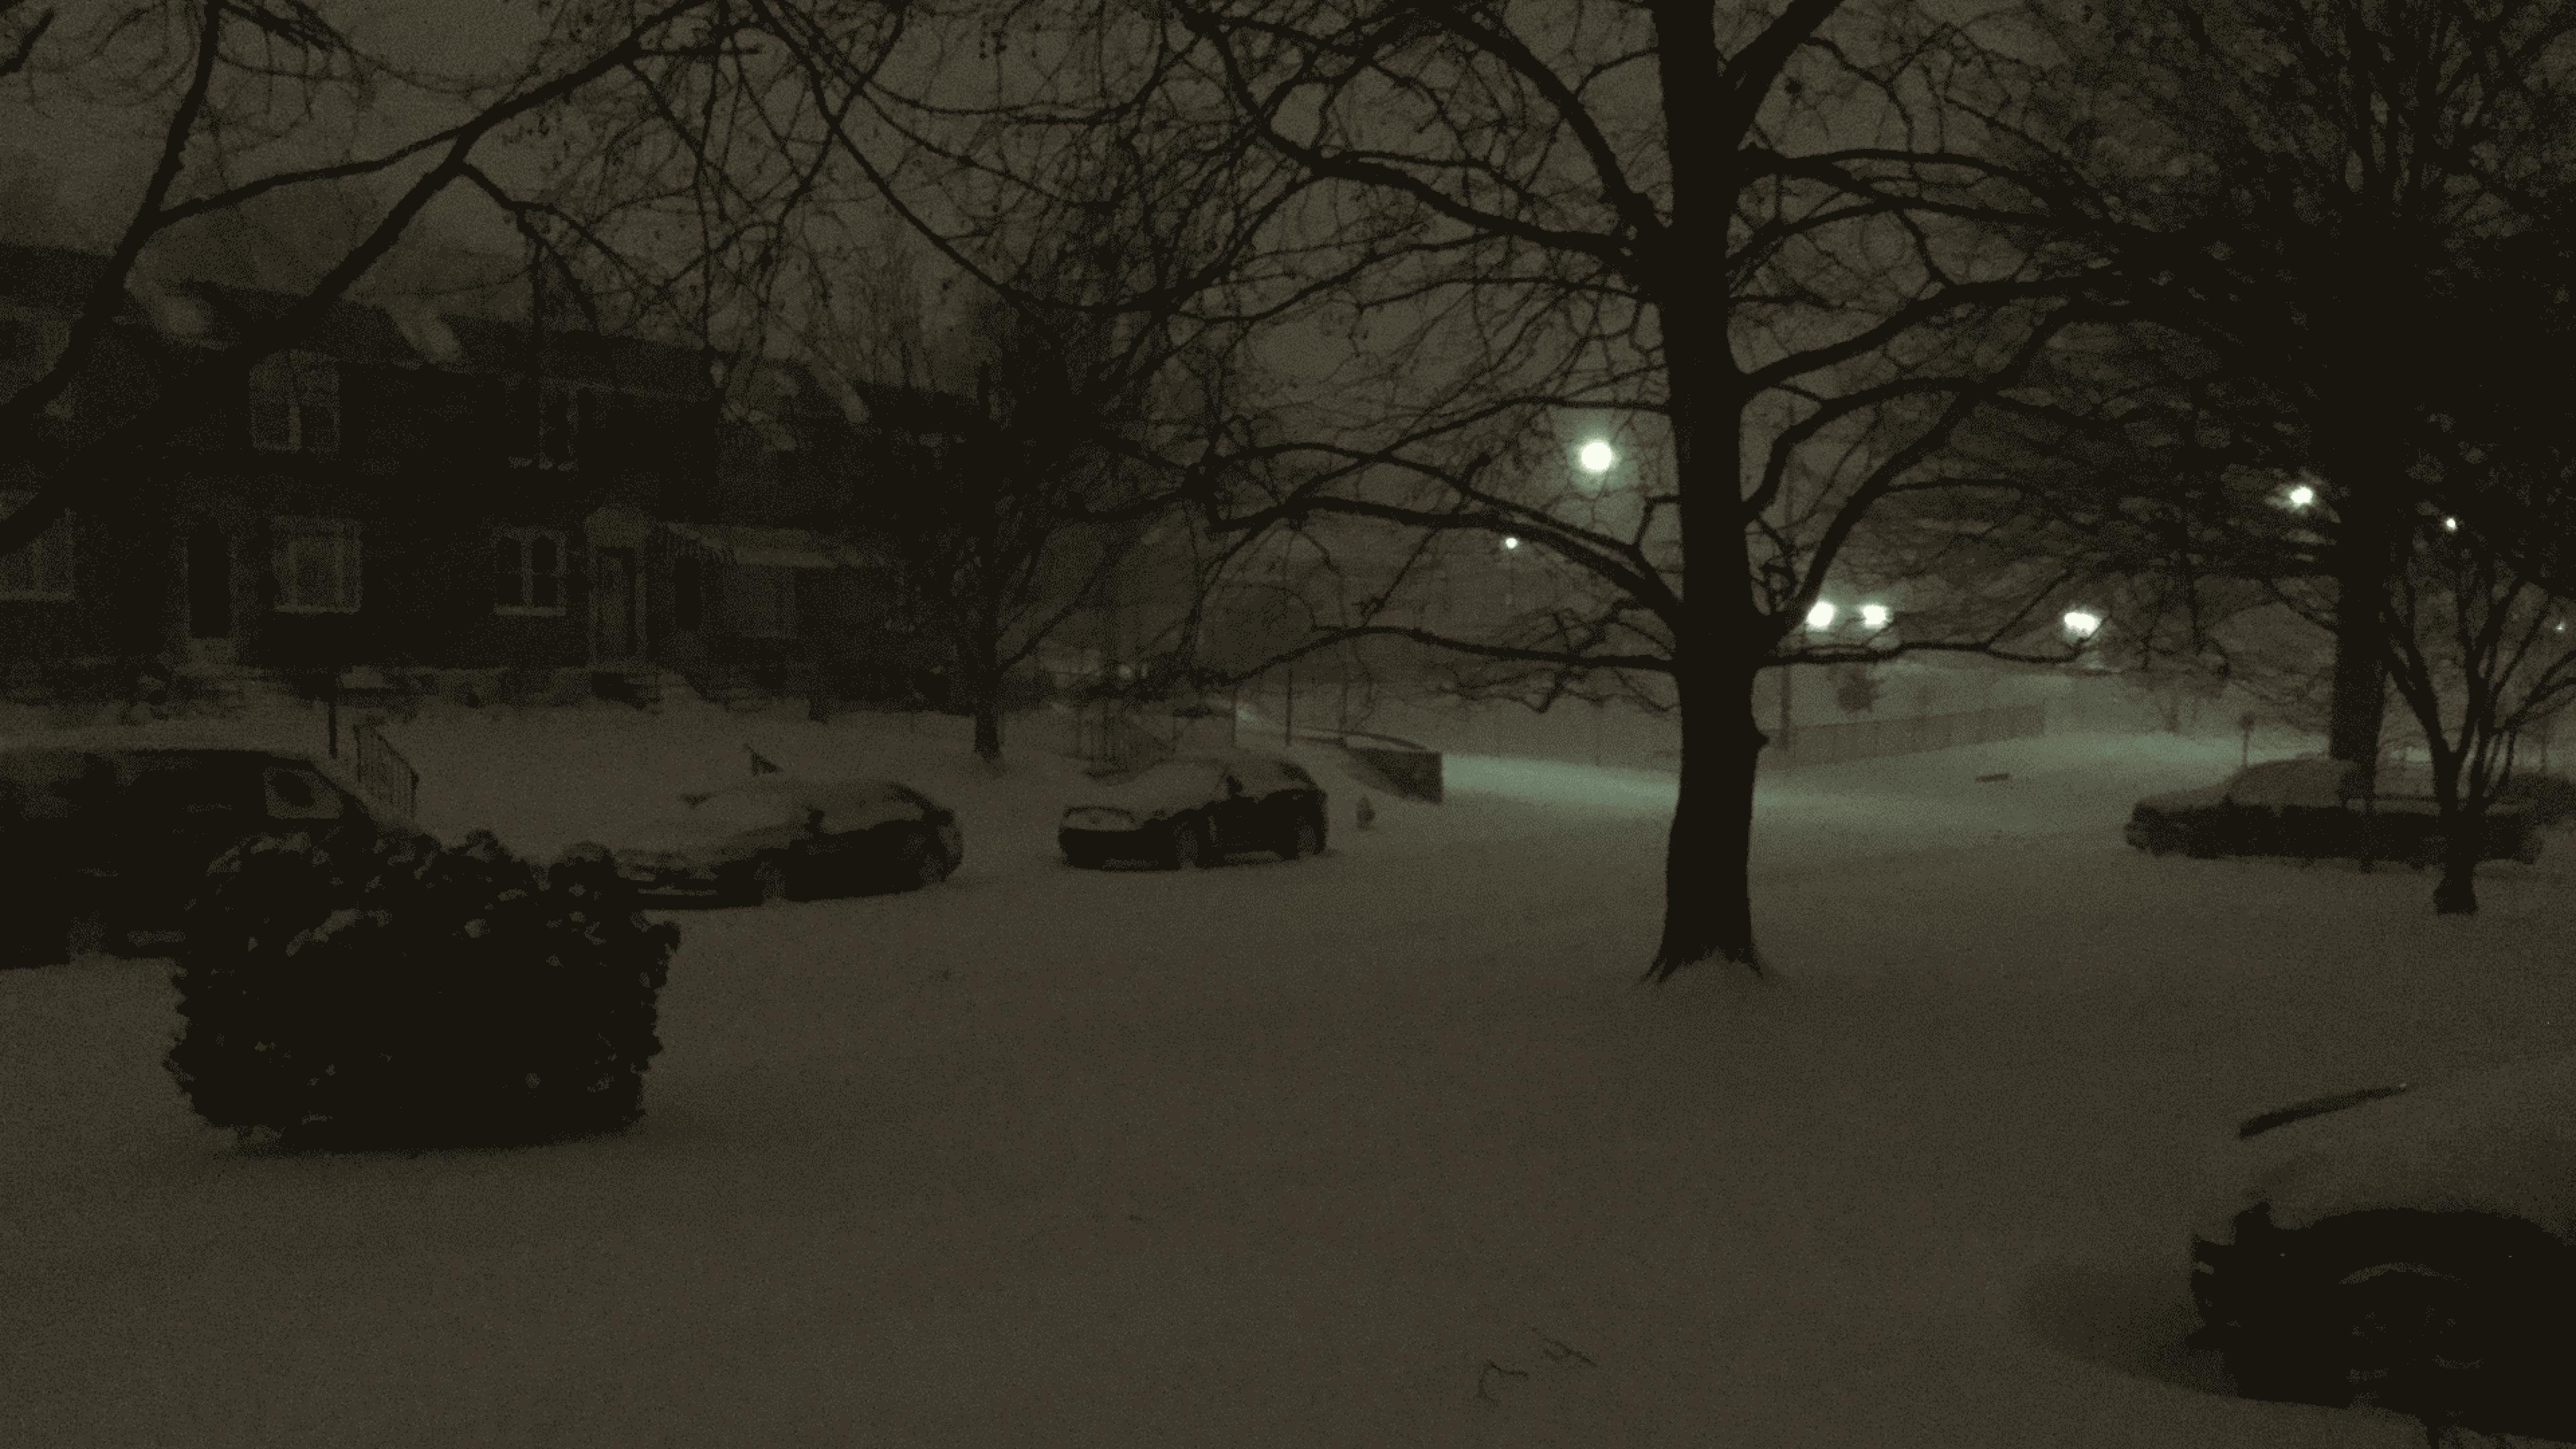 finally, snow by skateboarder11